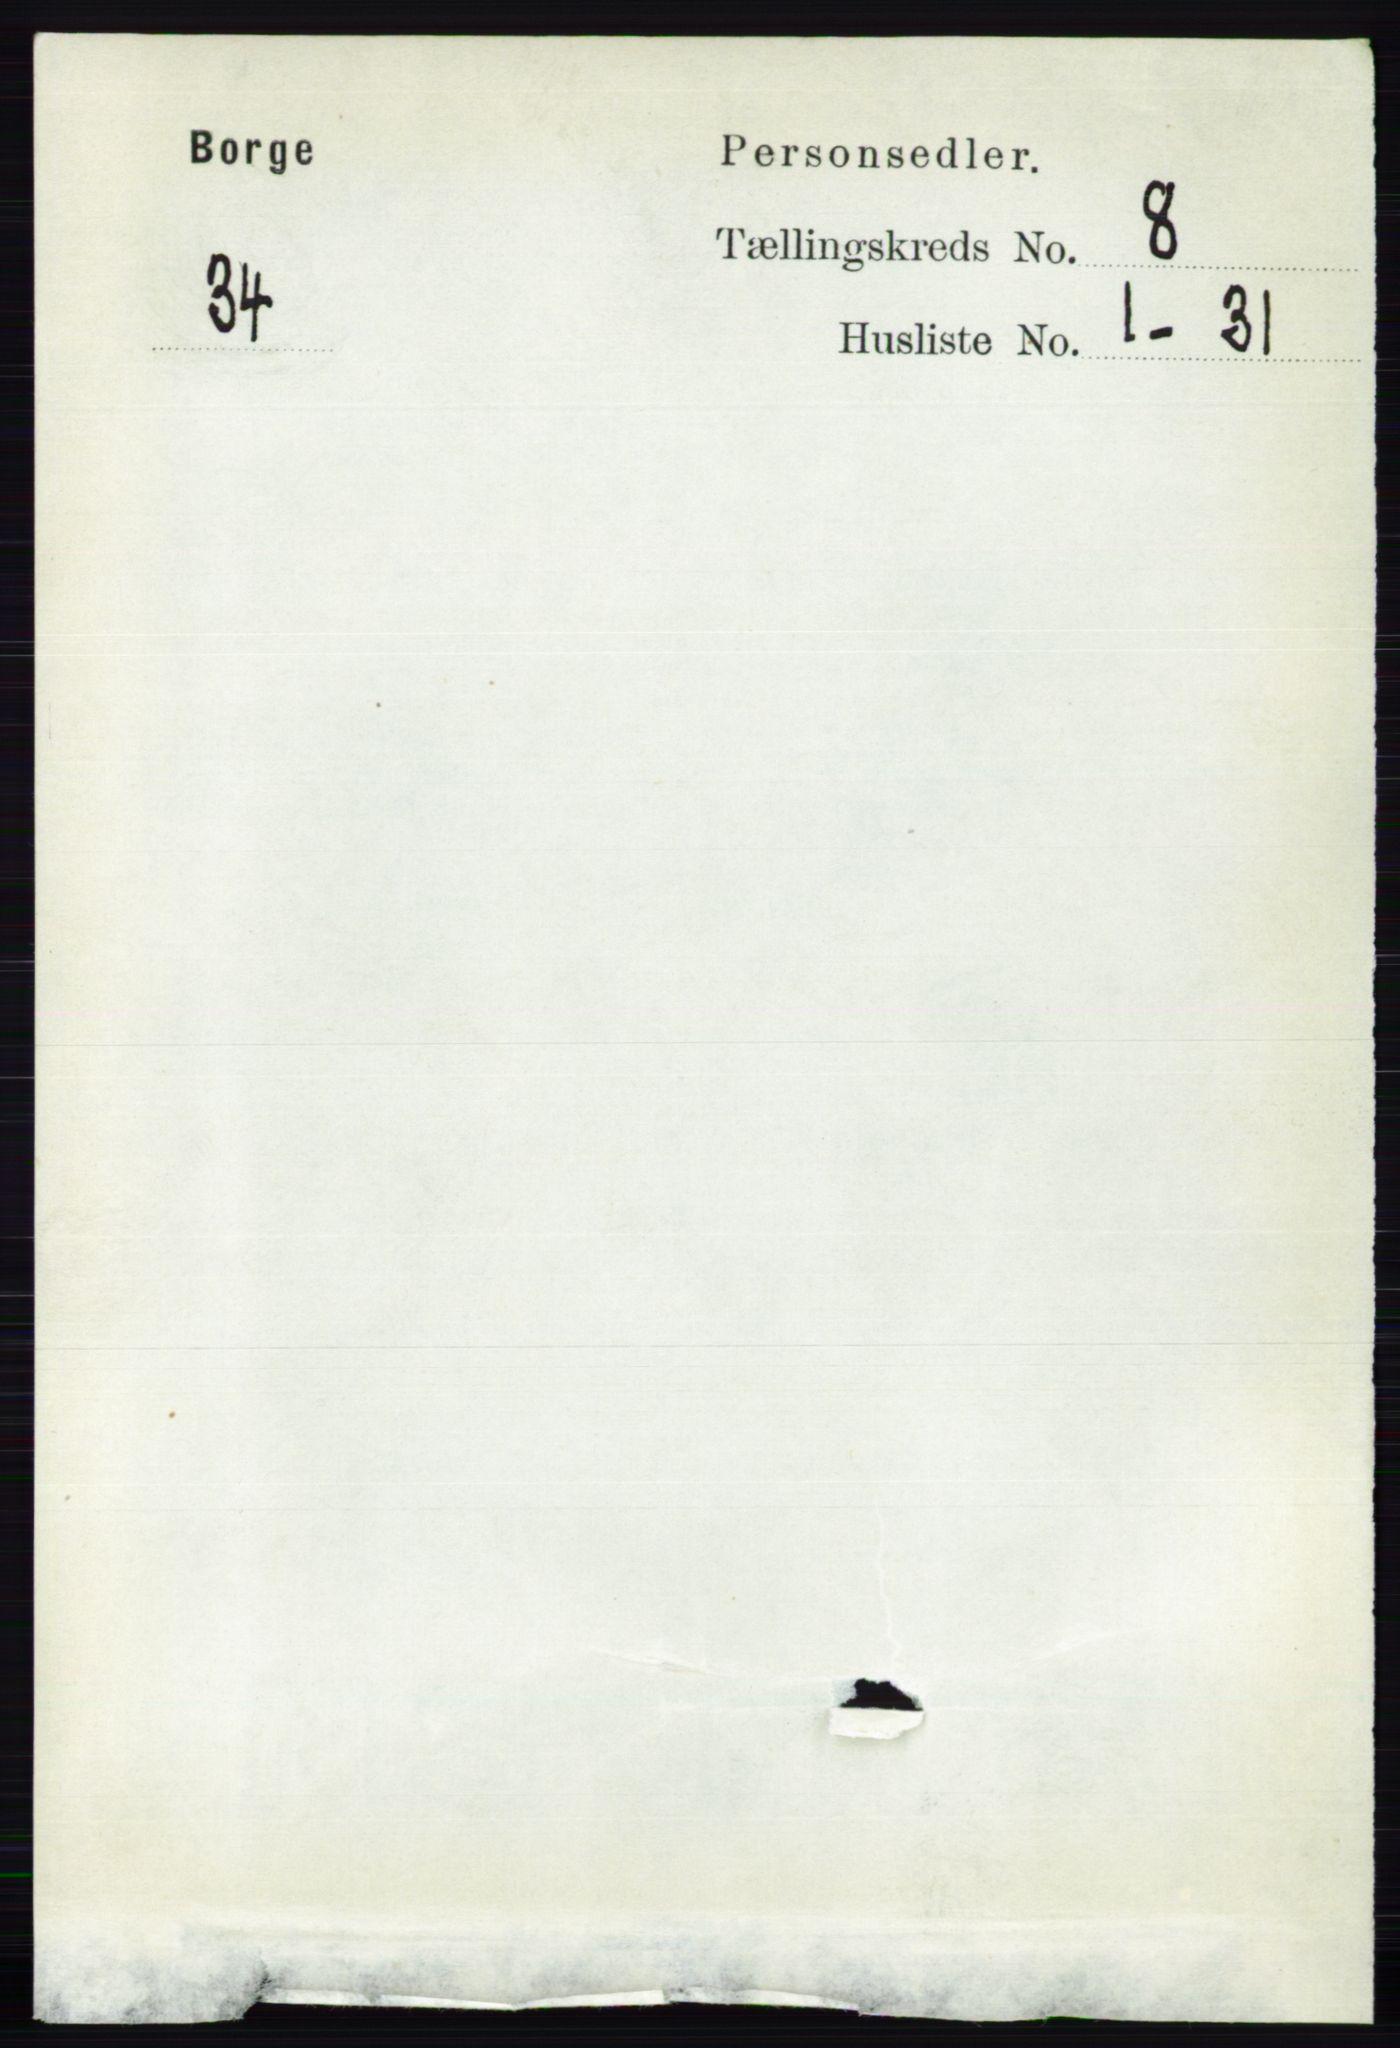 RA, Folketelling 1891 for 0113 Borge herred, 1891, s. 5128